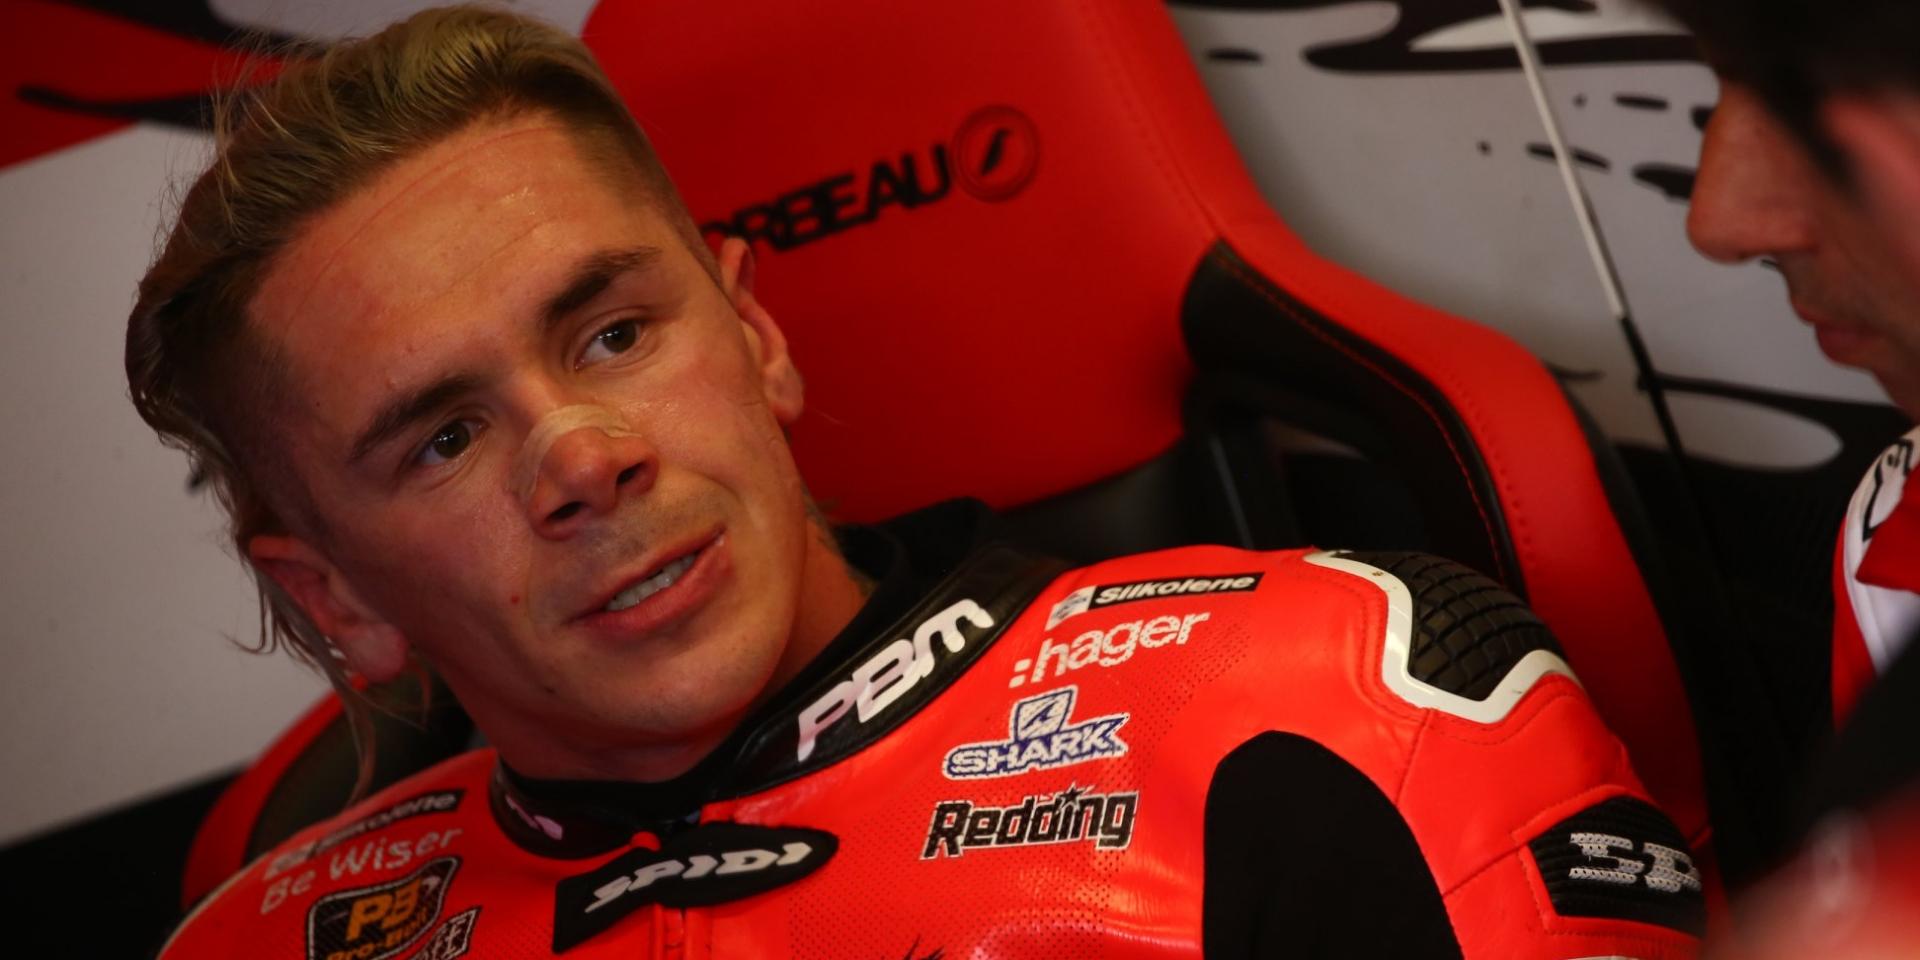 重返GP之心不滅!Scott Redding:我如果拿到SBK世界冠軍,我可以取代Dovizioso的位子。